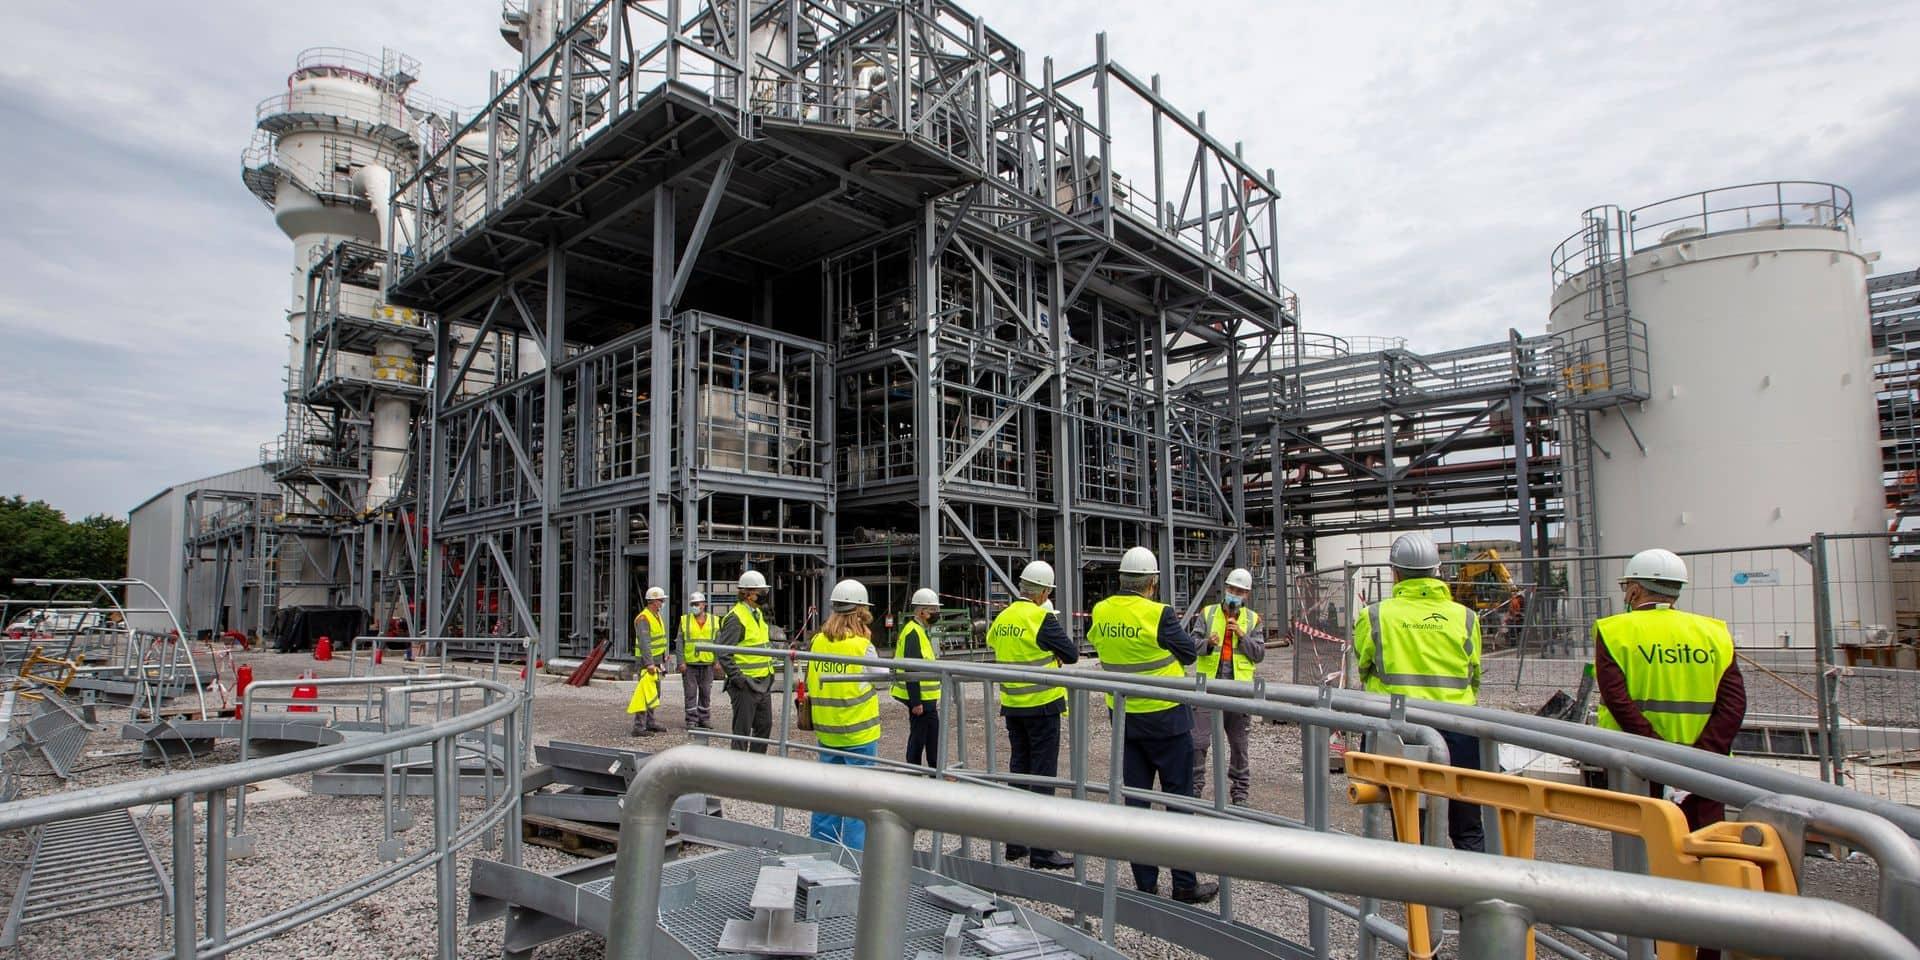 Les travailleurs d'ArcelorMittal Gand ont repris le travail